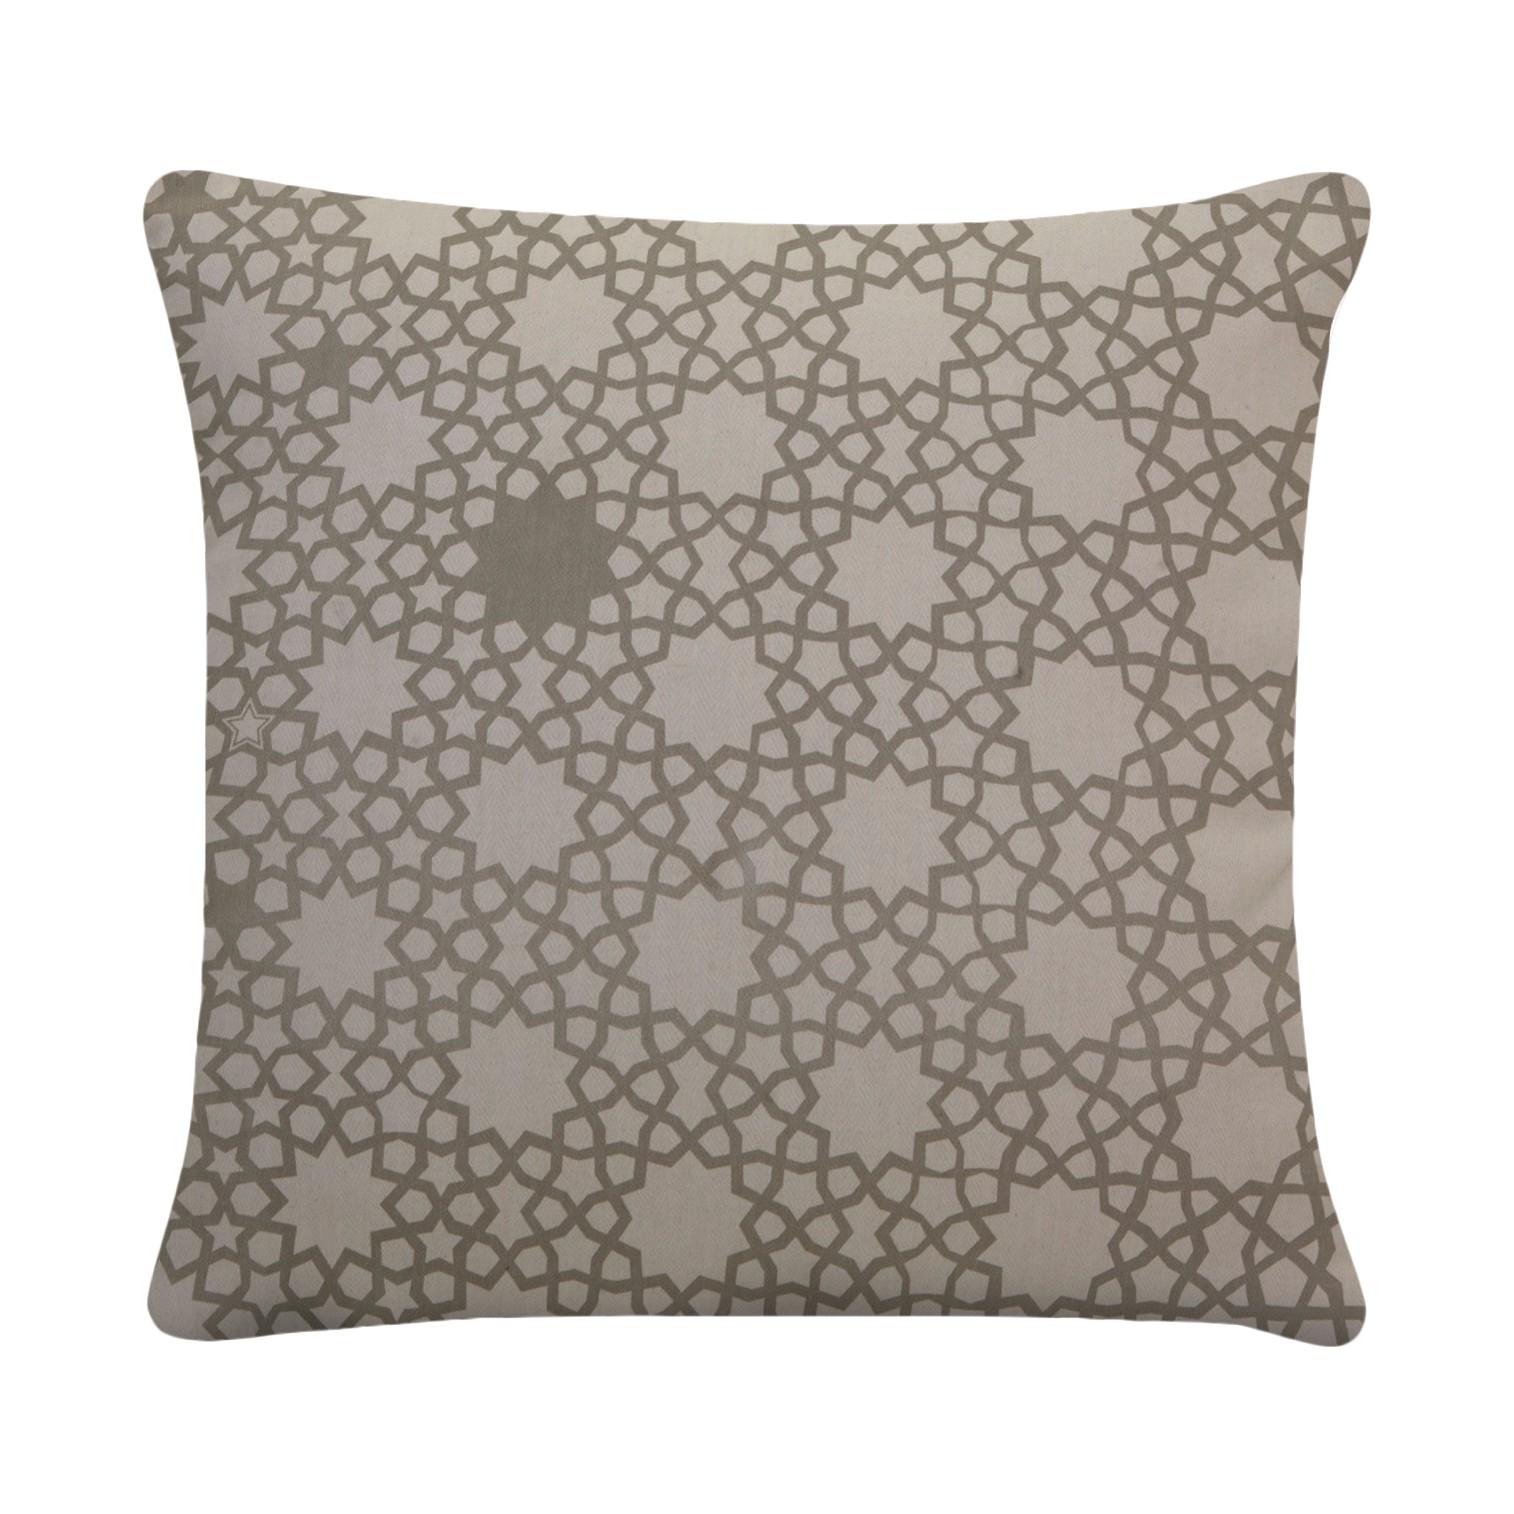 housse de coussin grand alhambra beige korla le fait main. Black Bedroom Furniture Sets. Home Design Ideas